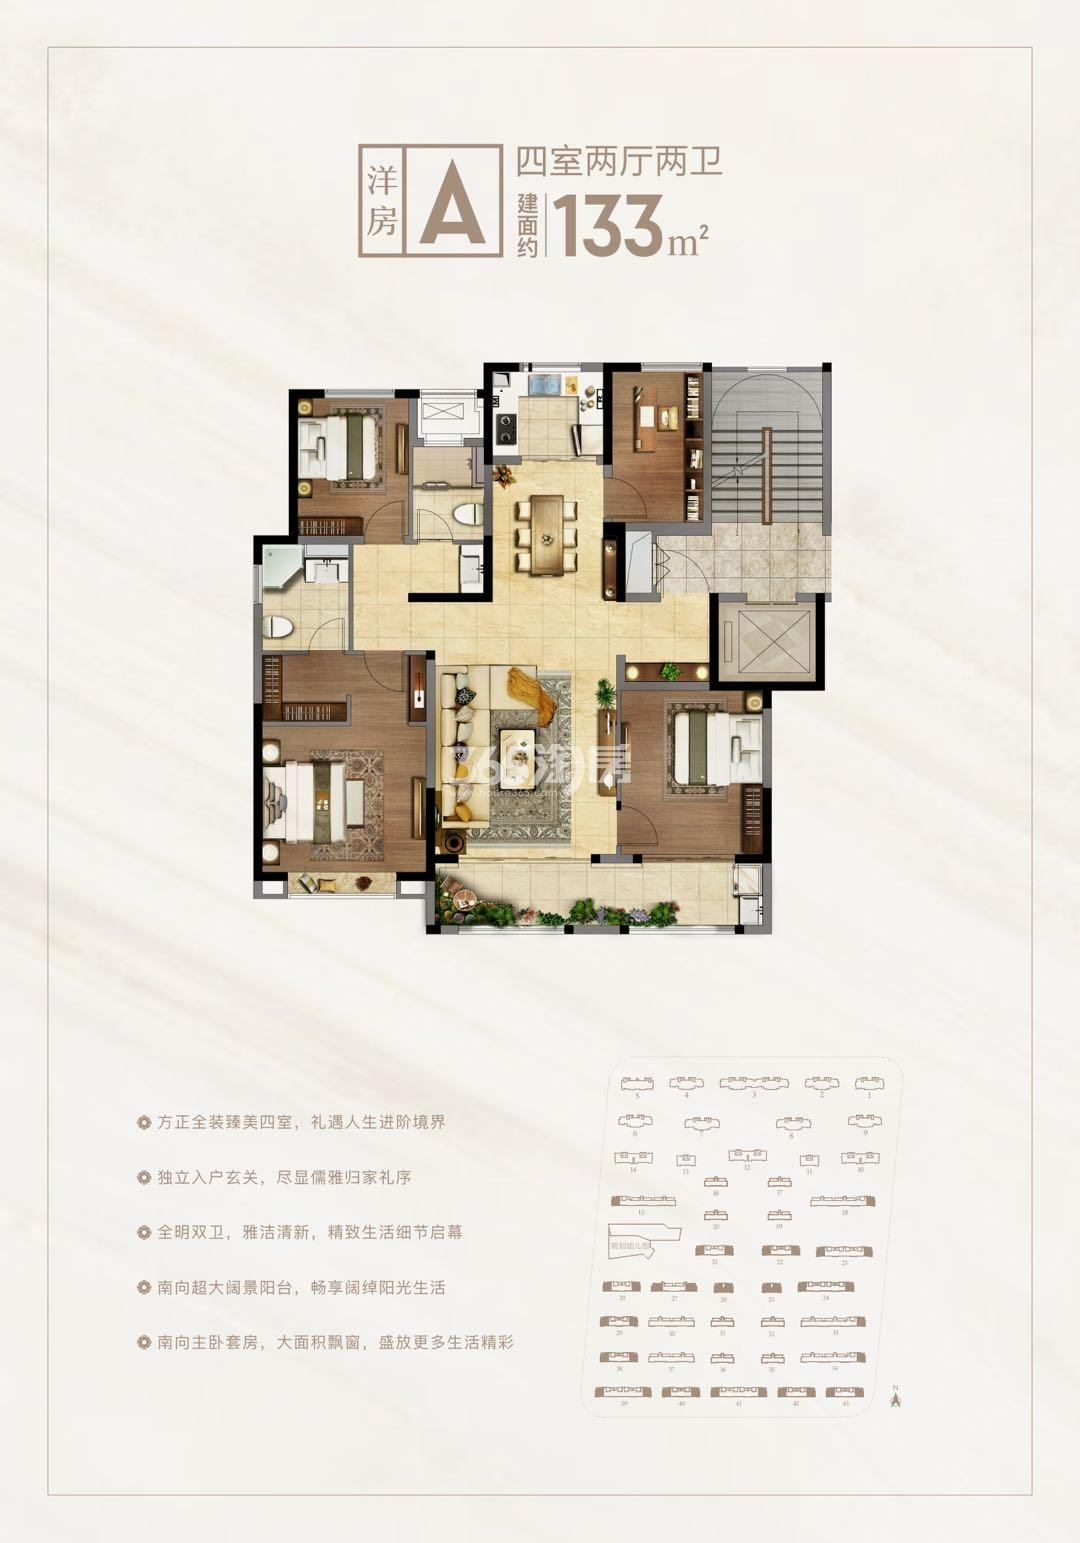 绿城西安全运村133㎡四室两厅低密度多层A户型